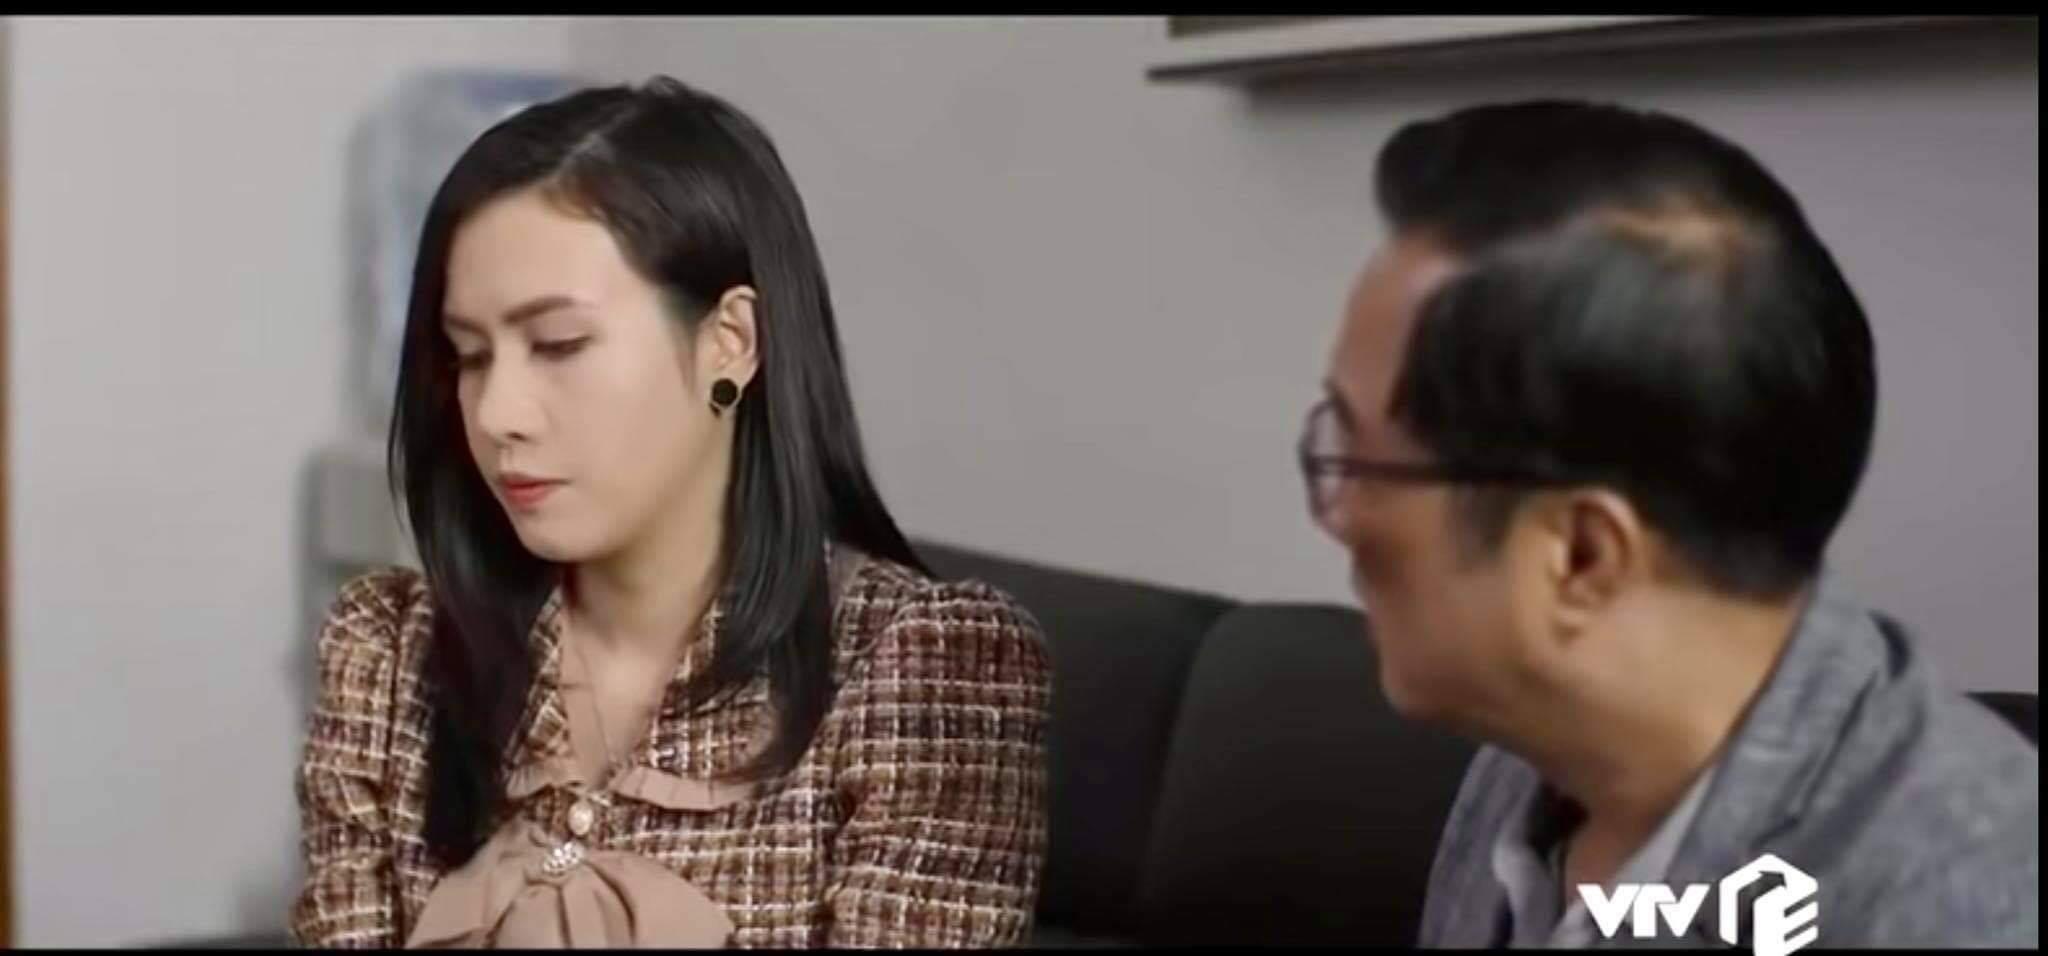 Bật mí đời tư hạnh phúc của diễn viên vào vai Trâm 'tiểu tam' trong phim Hãy nói lời yêu